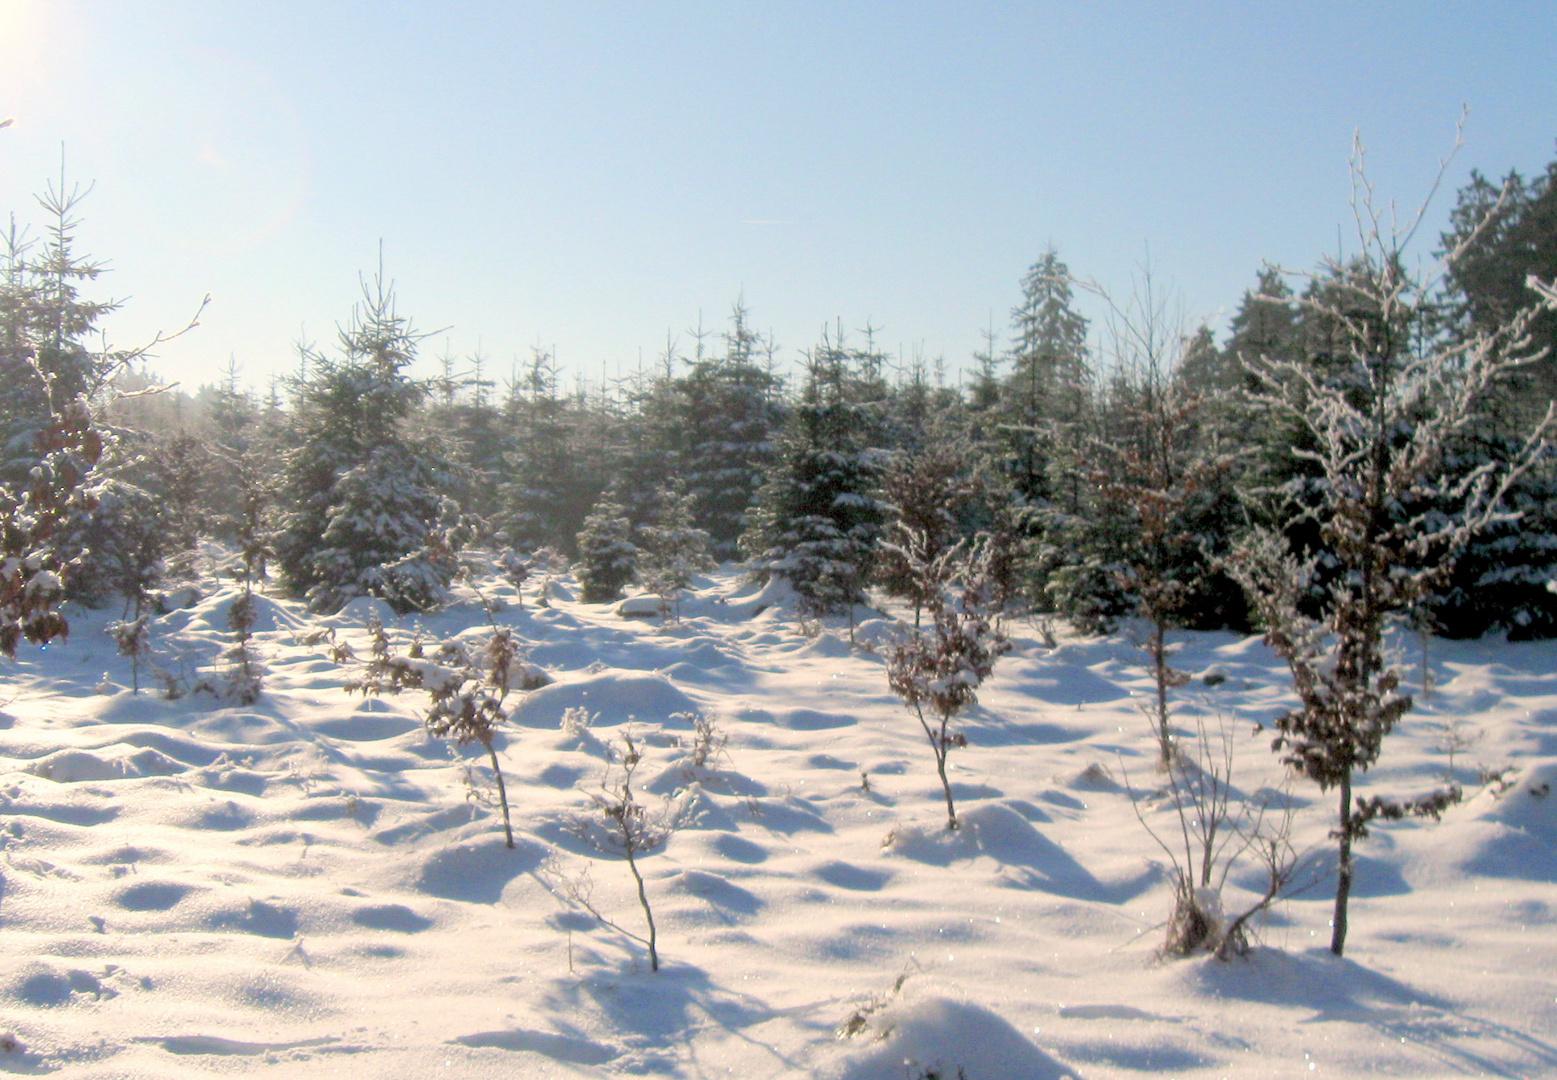 Winter im Naturpark Hoher Vogelsberg 2